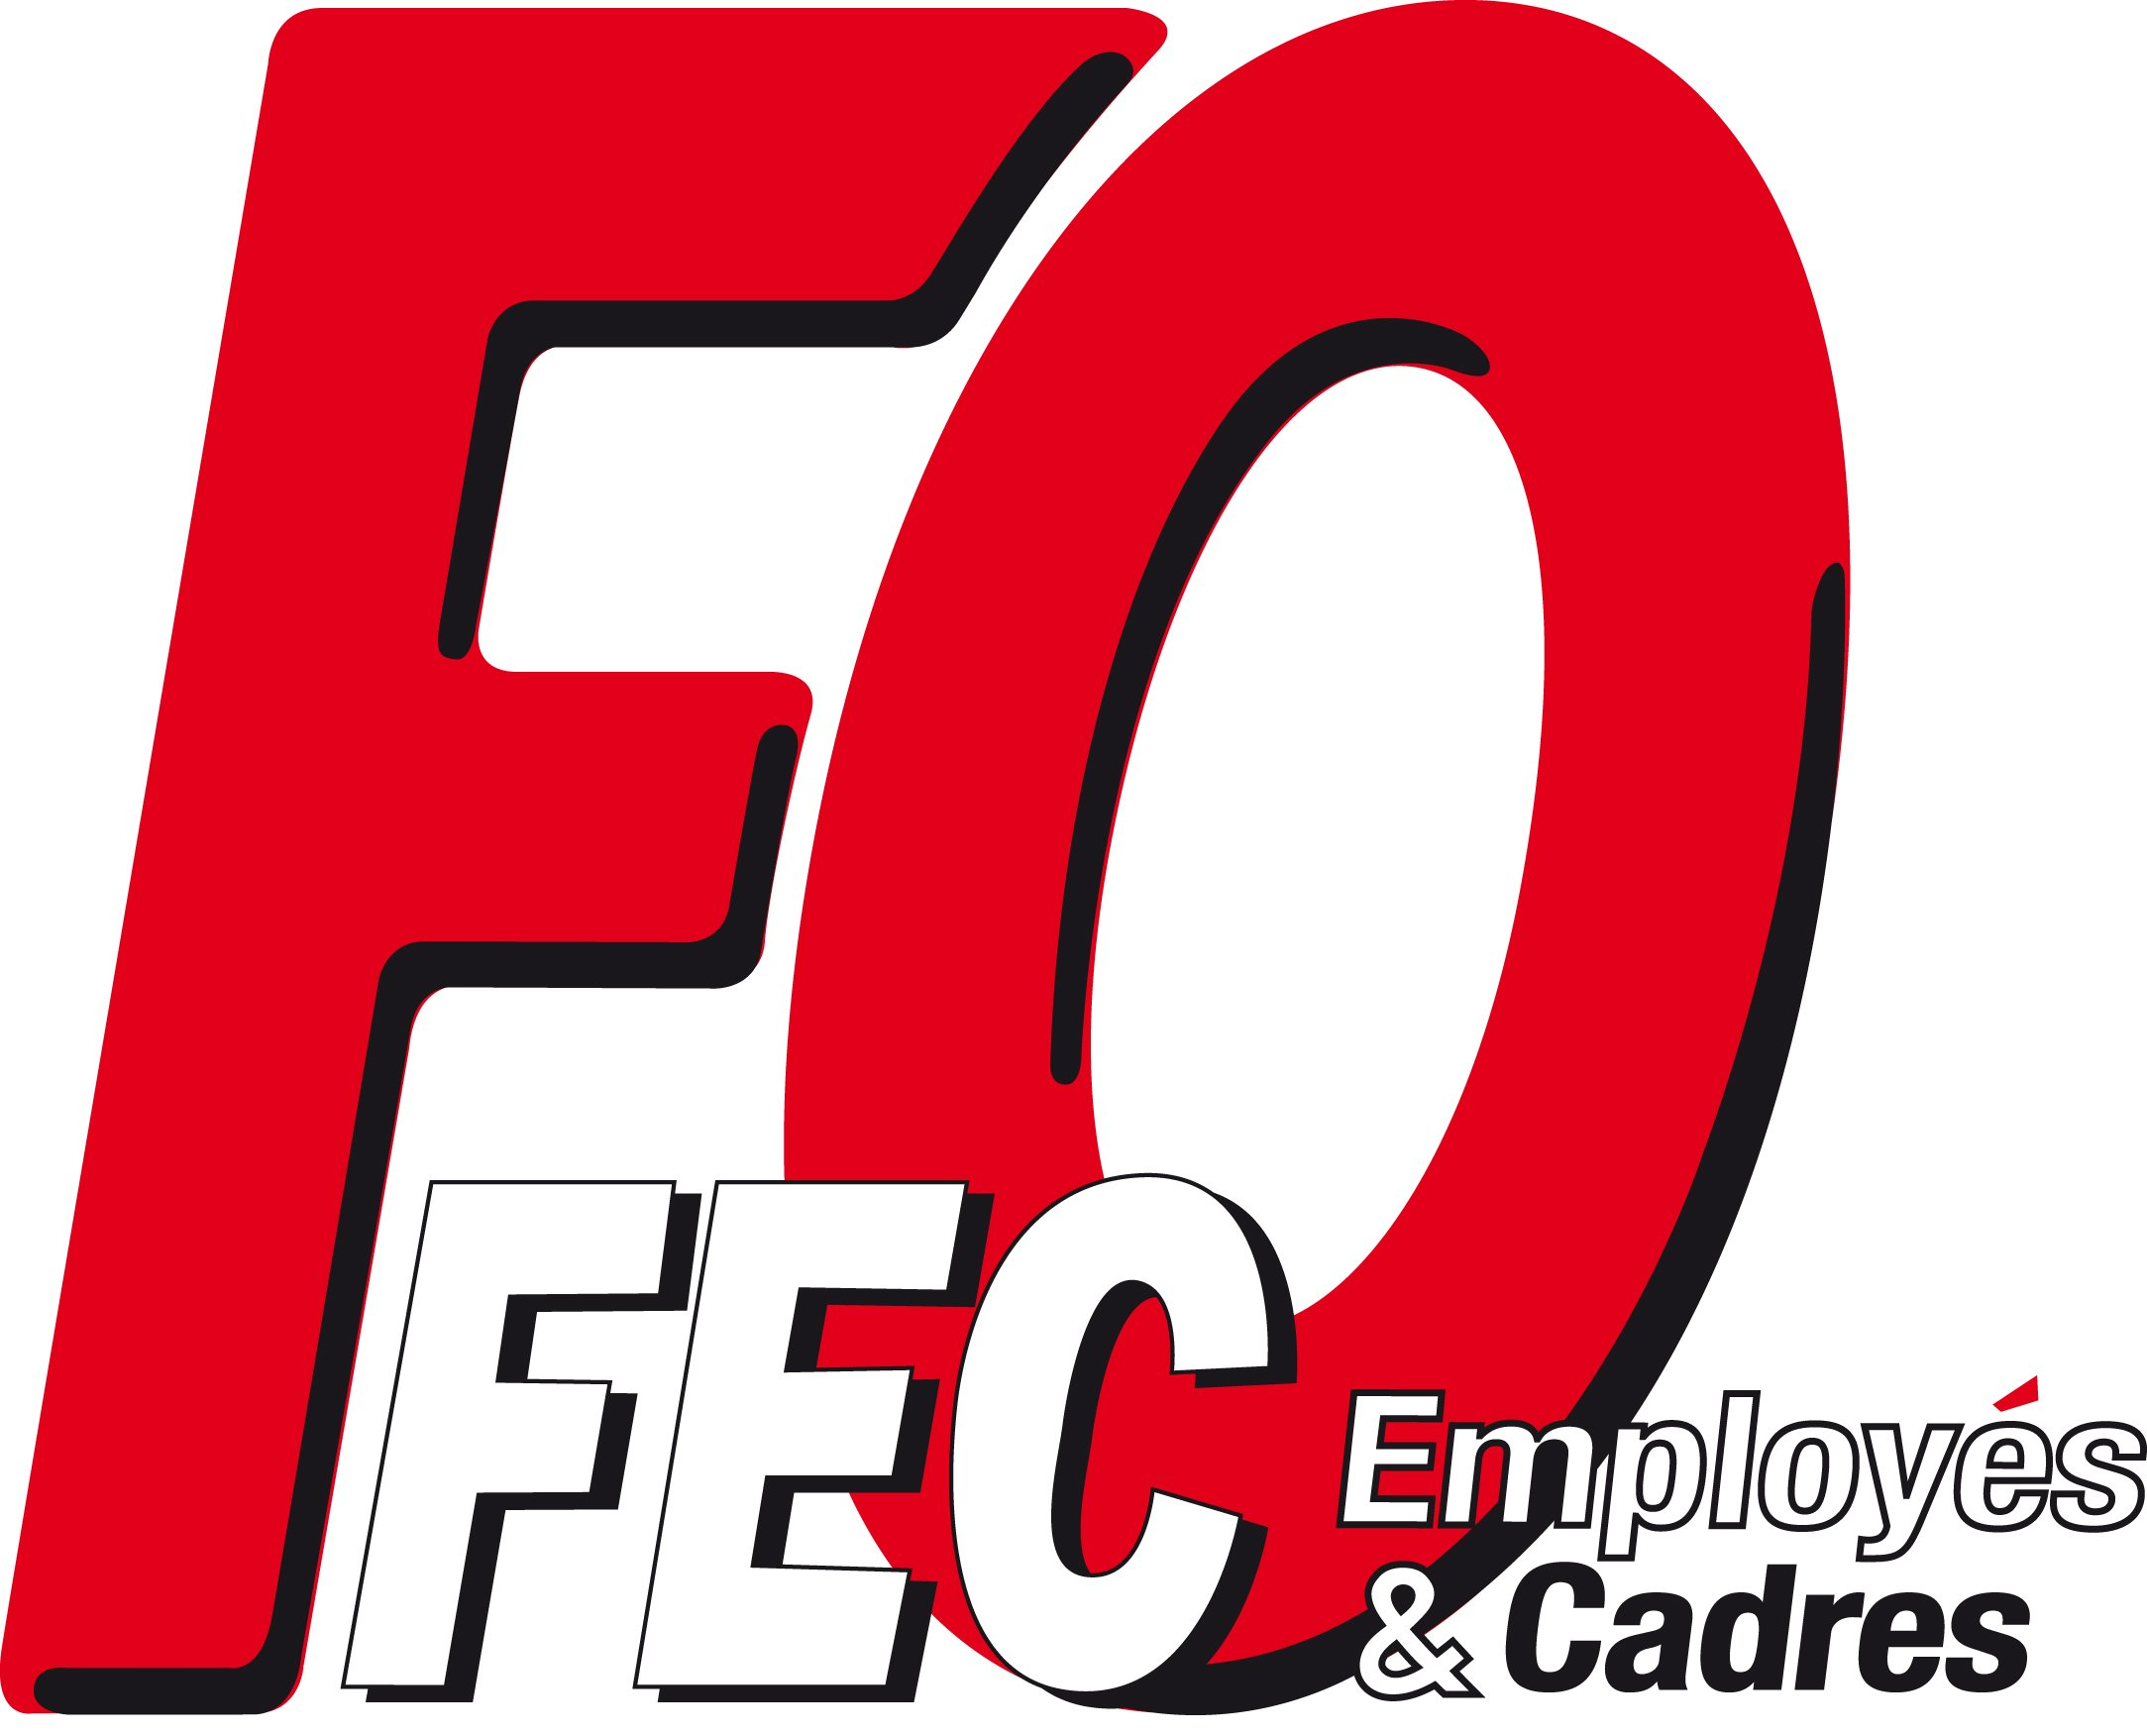 logo FEC Q100cent